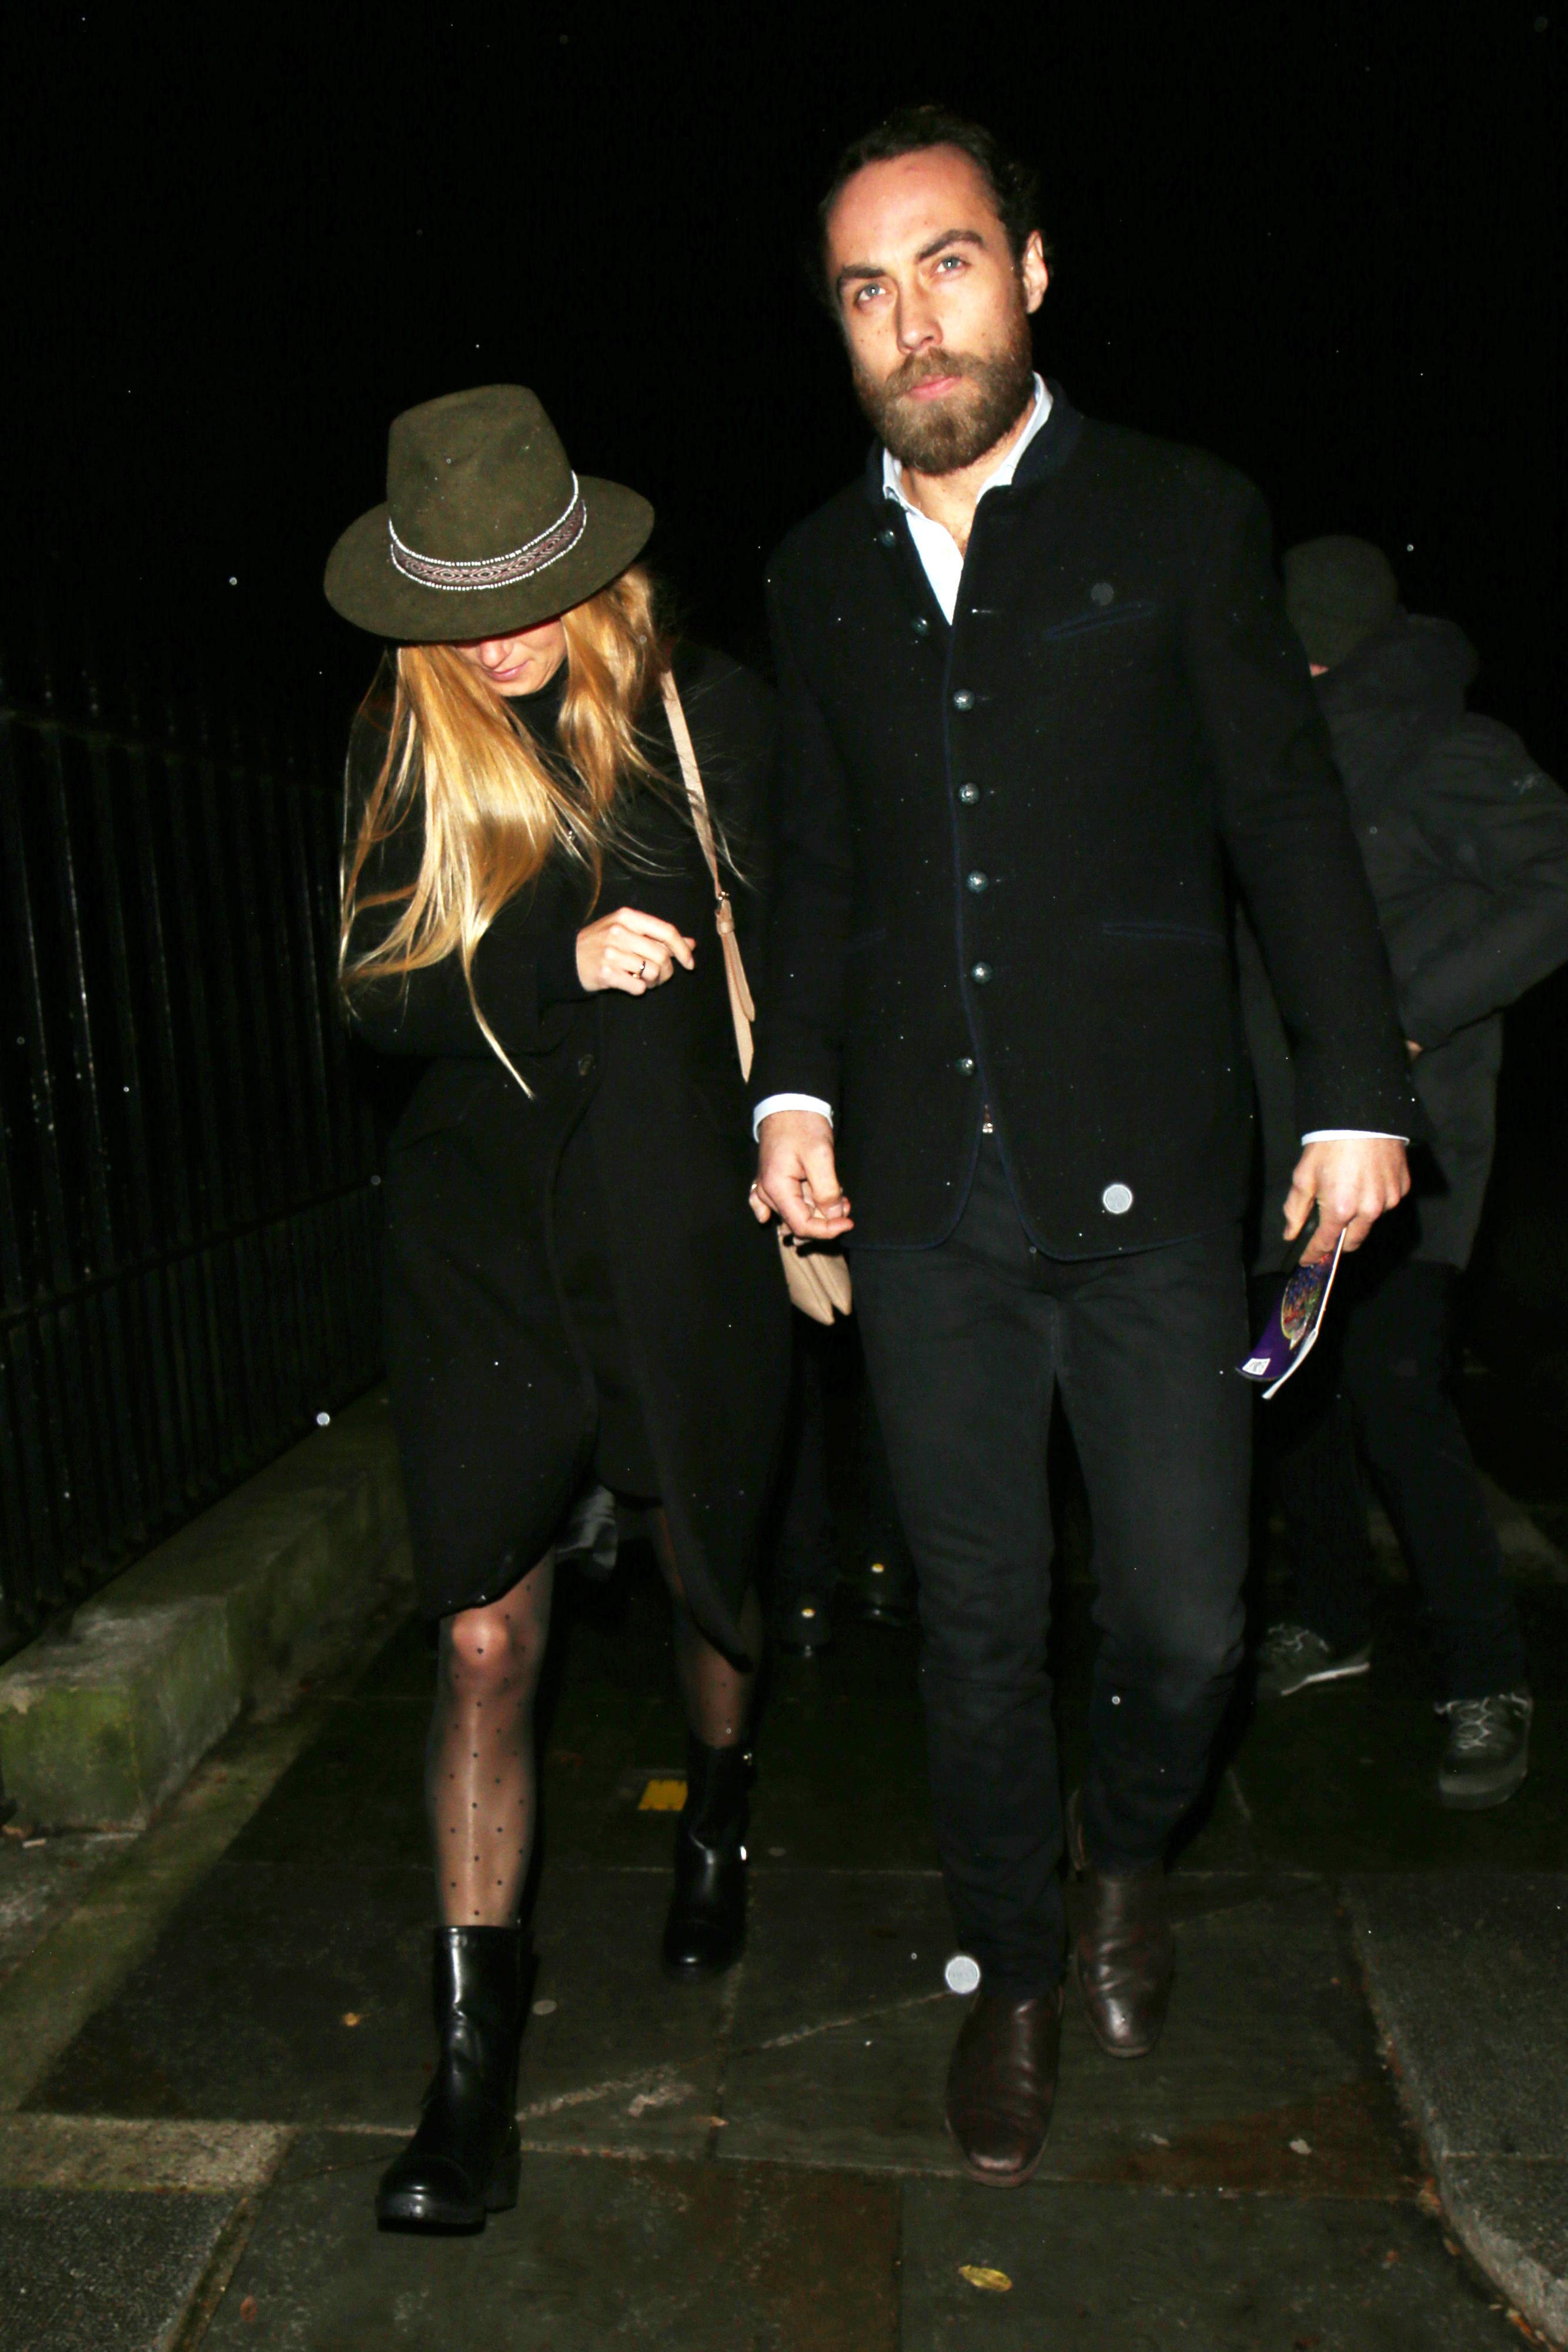 James Middleton zeigte sich am 4. Dezember 2018 mit einer Frau bei einer Charity-Veranstaltung in London. Bei der Dame, die lieber unerkannt bleiben möchte, könnte es sich um seine neue Freundin handeln